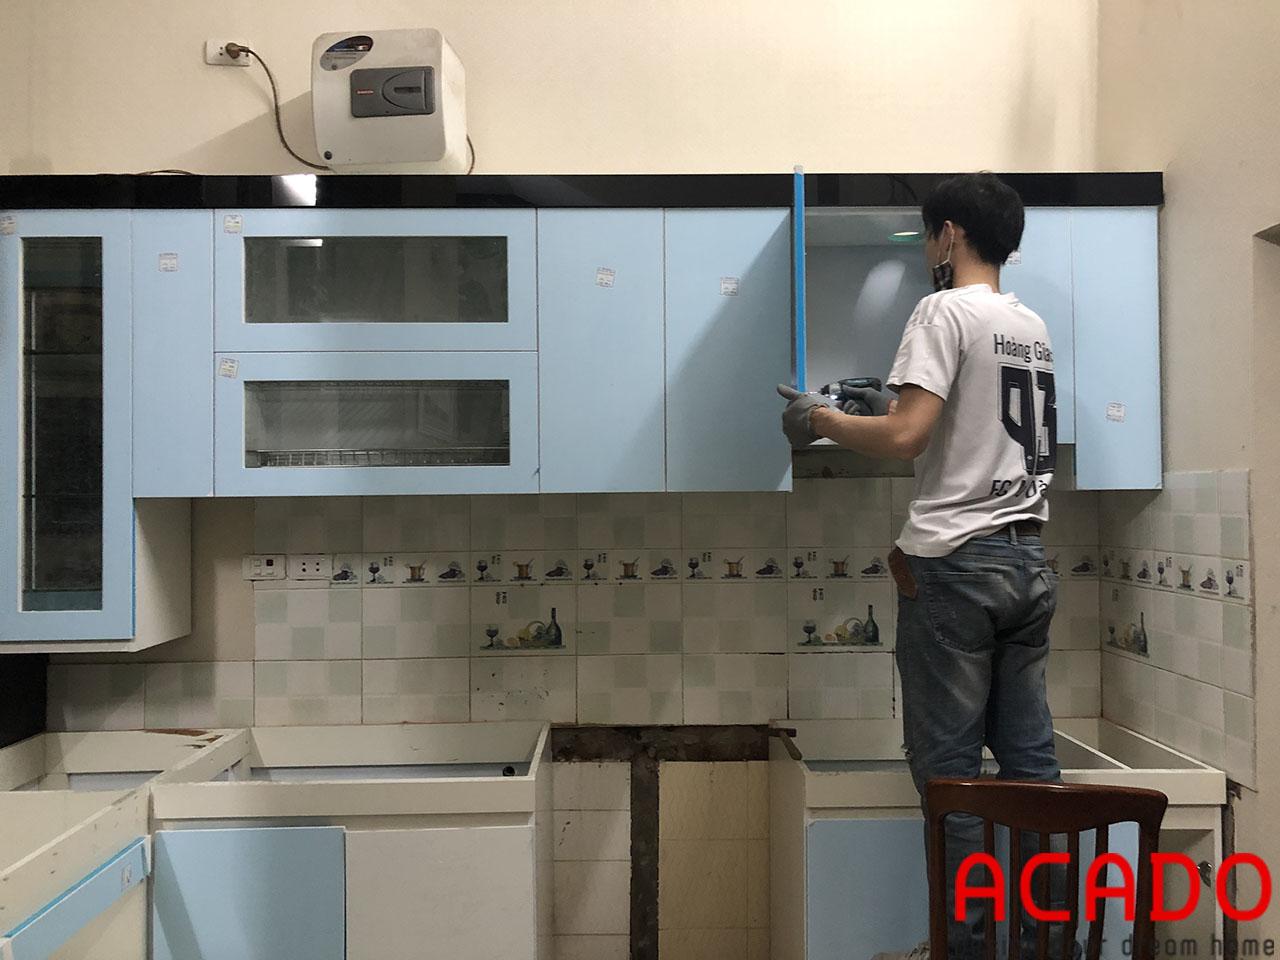 Thợ thi công ACADO đang thực hiện quá trình lắp đặt - Thi công tủ bếp tại Phan Đình Giót